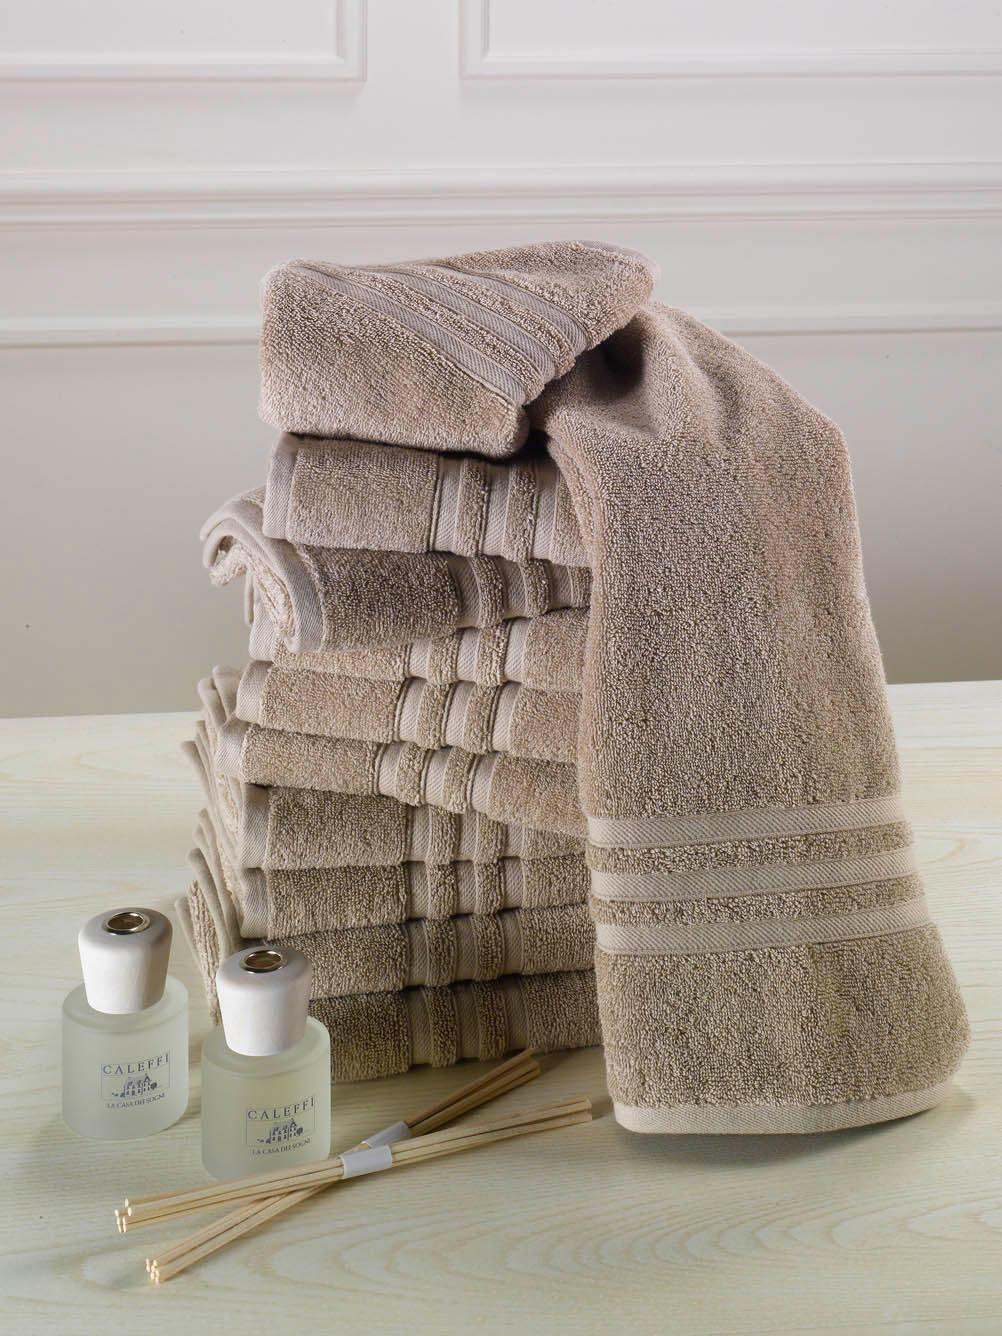 Come scegliere gli asciugamani per il bagno - Ideagroup Blog